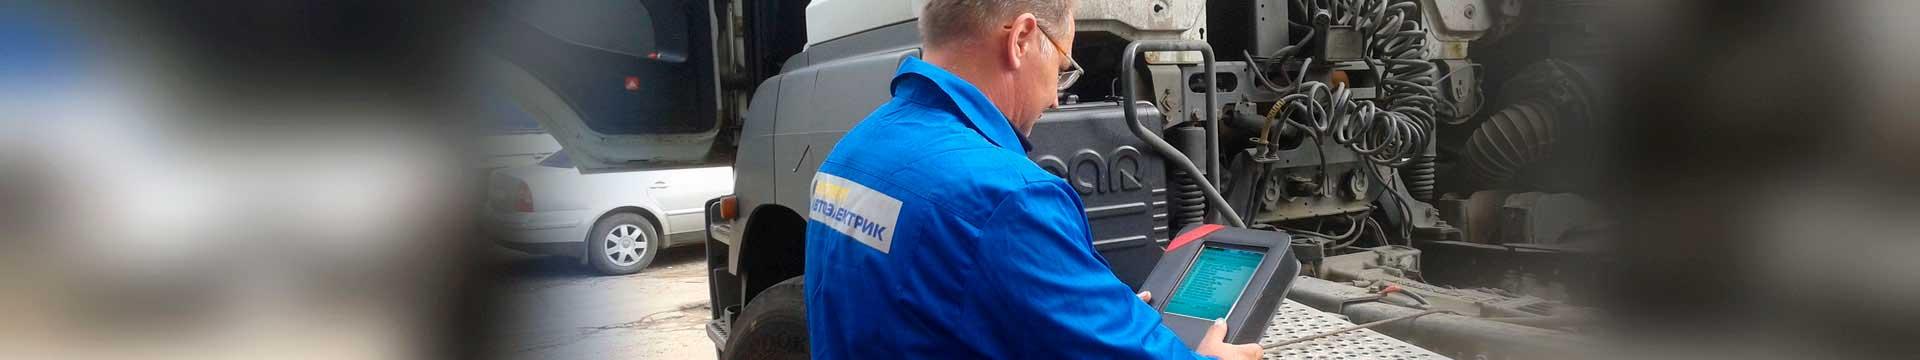 Диагностический сканер для грузовиков FCAR